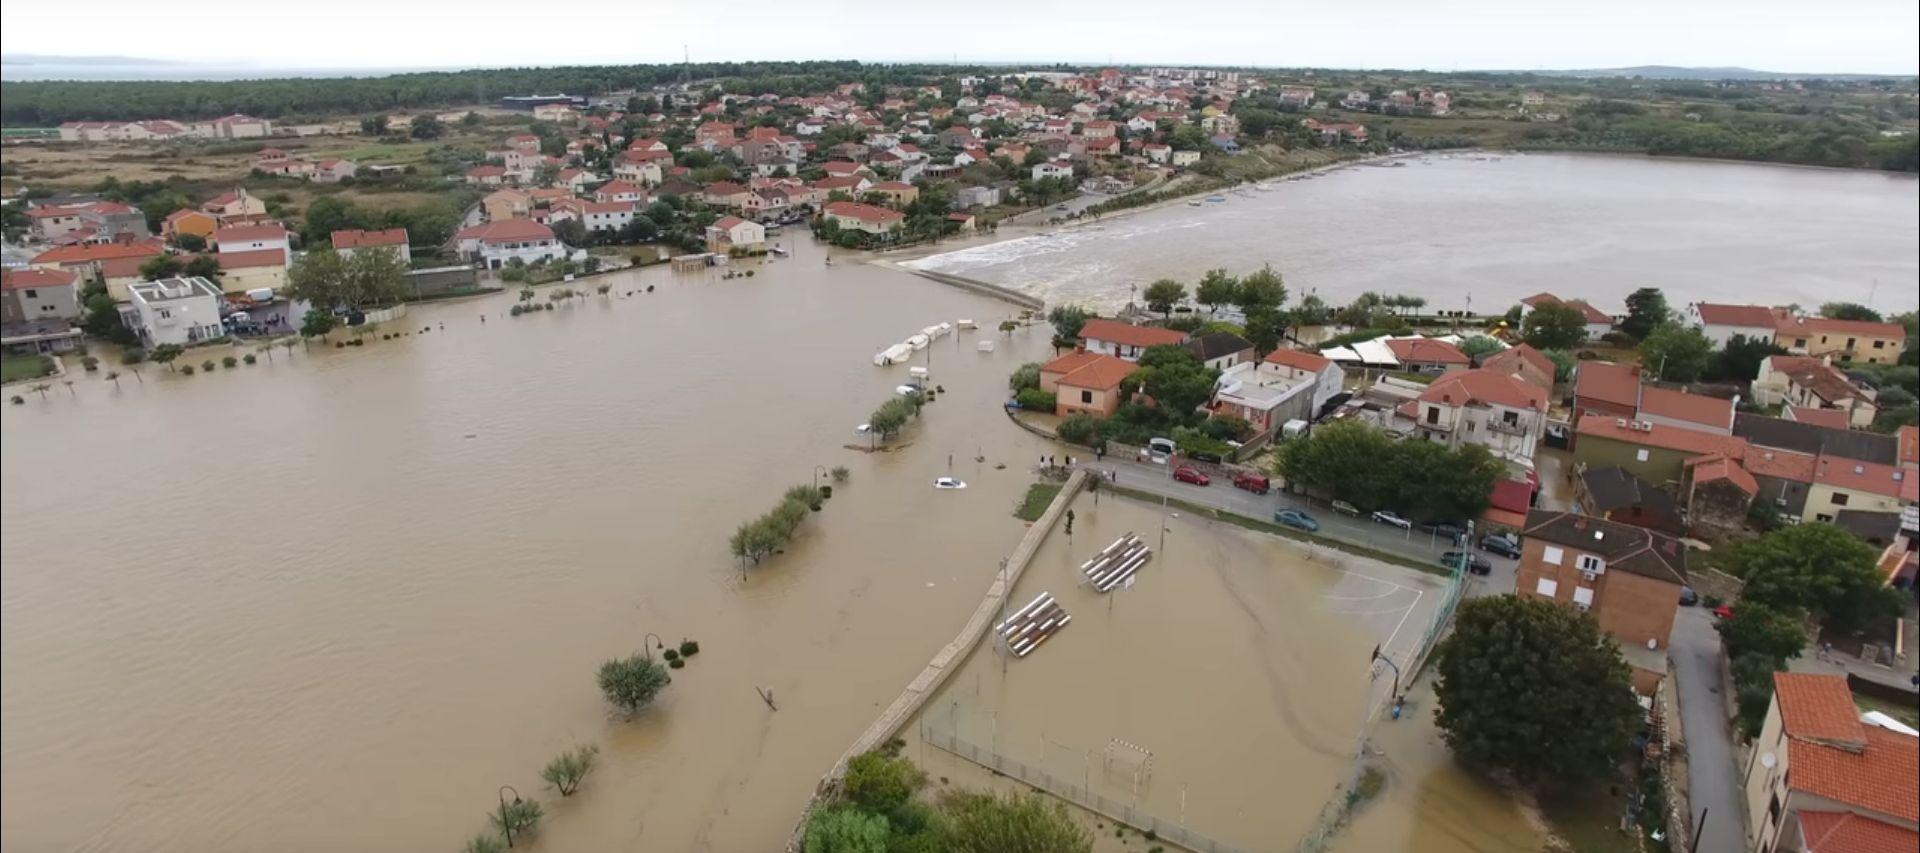 NIN Proglašeno izvanredno stanje, amfibija izvlači potopljena vozila